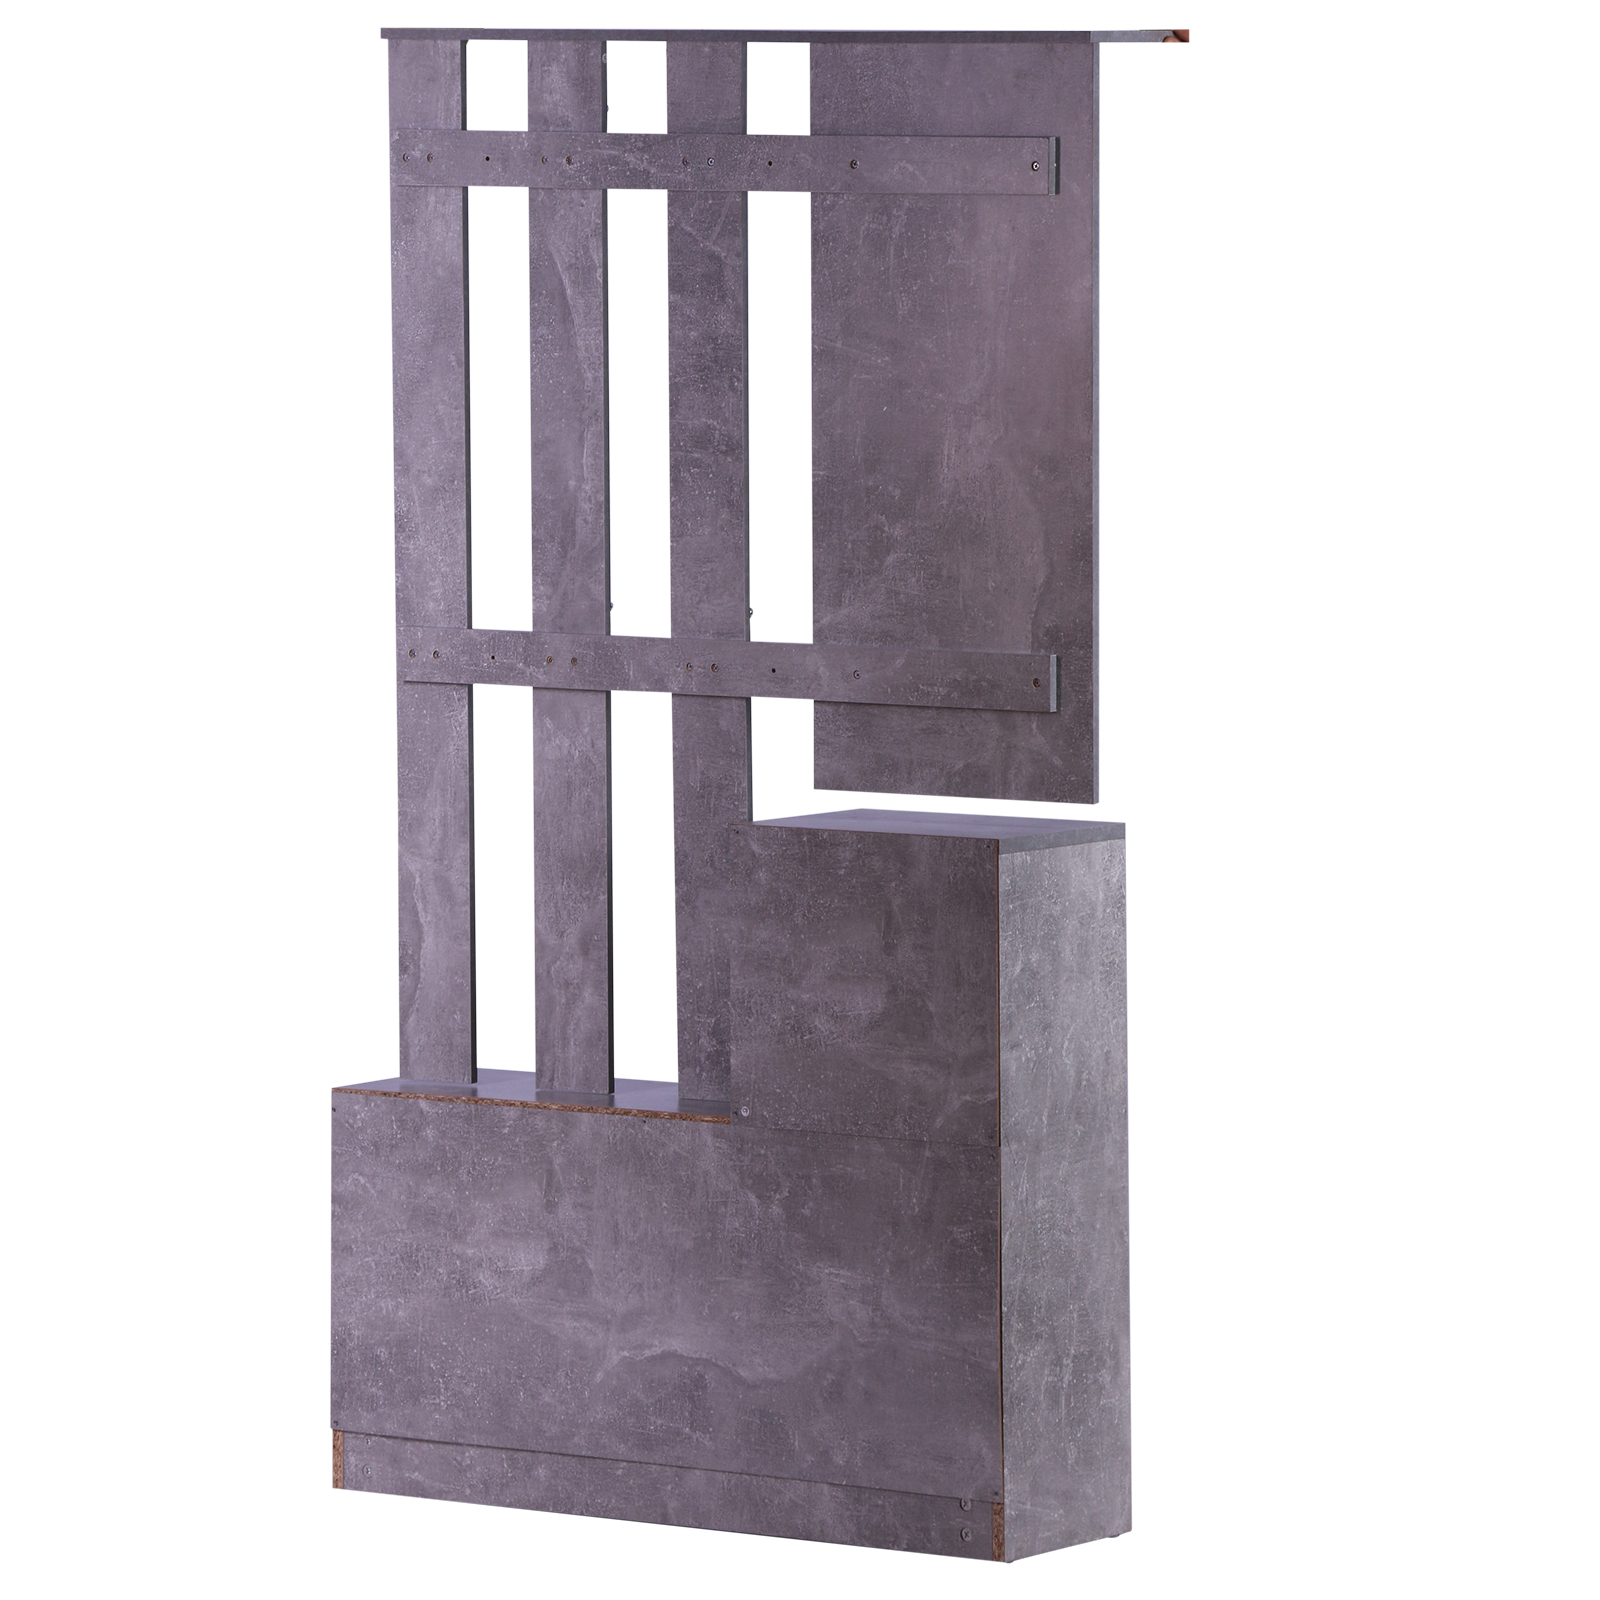 831 146gy11(7) - Conjunto Muebles de Entrada Recibidor Pasillo 3 Piezas Perchero Espejo Zapatero